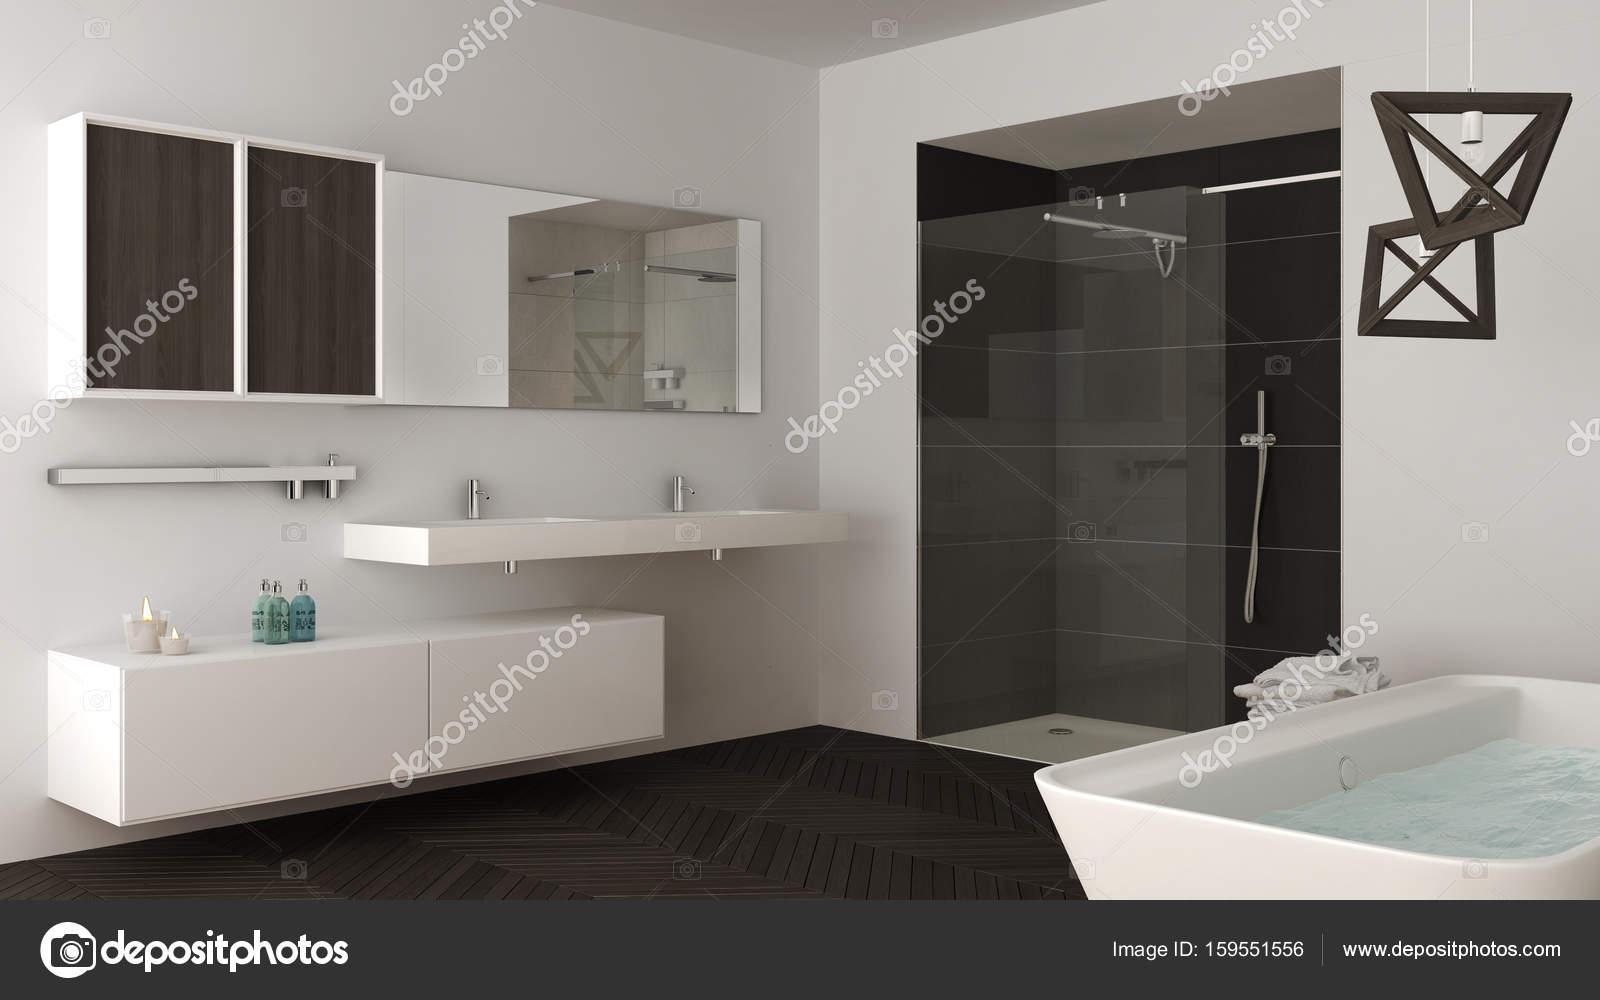 Minimalistische Helles Badezimmer Mit Zwei Waschbecken, Dusche Und Badewanne  U2014 Stockfoto